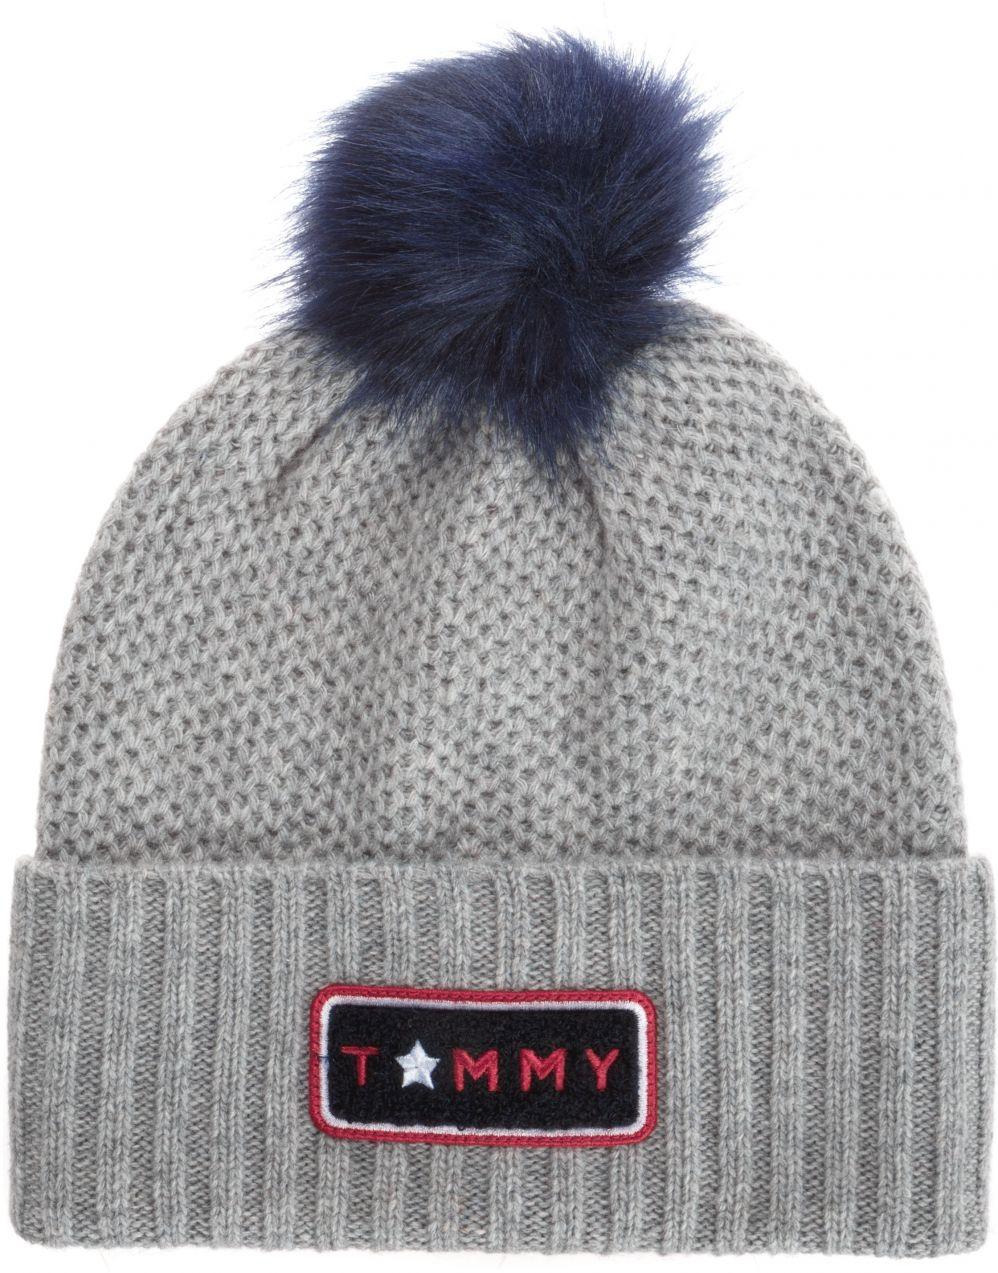 5d08b709e Zimná čiapka Tommy Hilfiger   Šedá   Dámske   UNI značky Tommy Hilfiger -  Lovely.sk